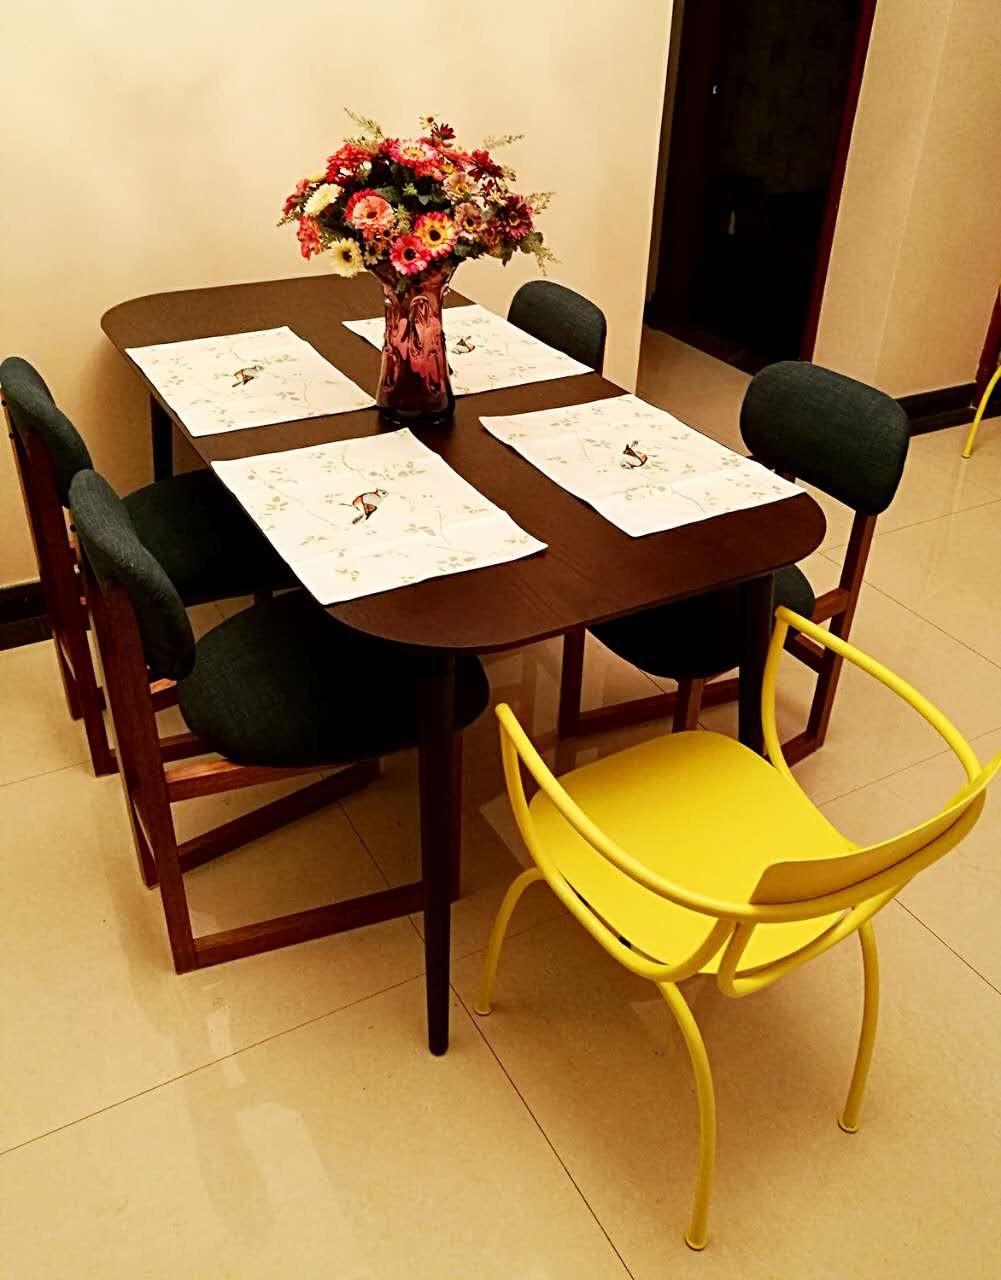 王珏对画板餐桌®-长桌 1.6米发布的晒单效果图及评价